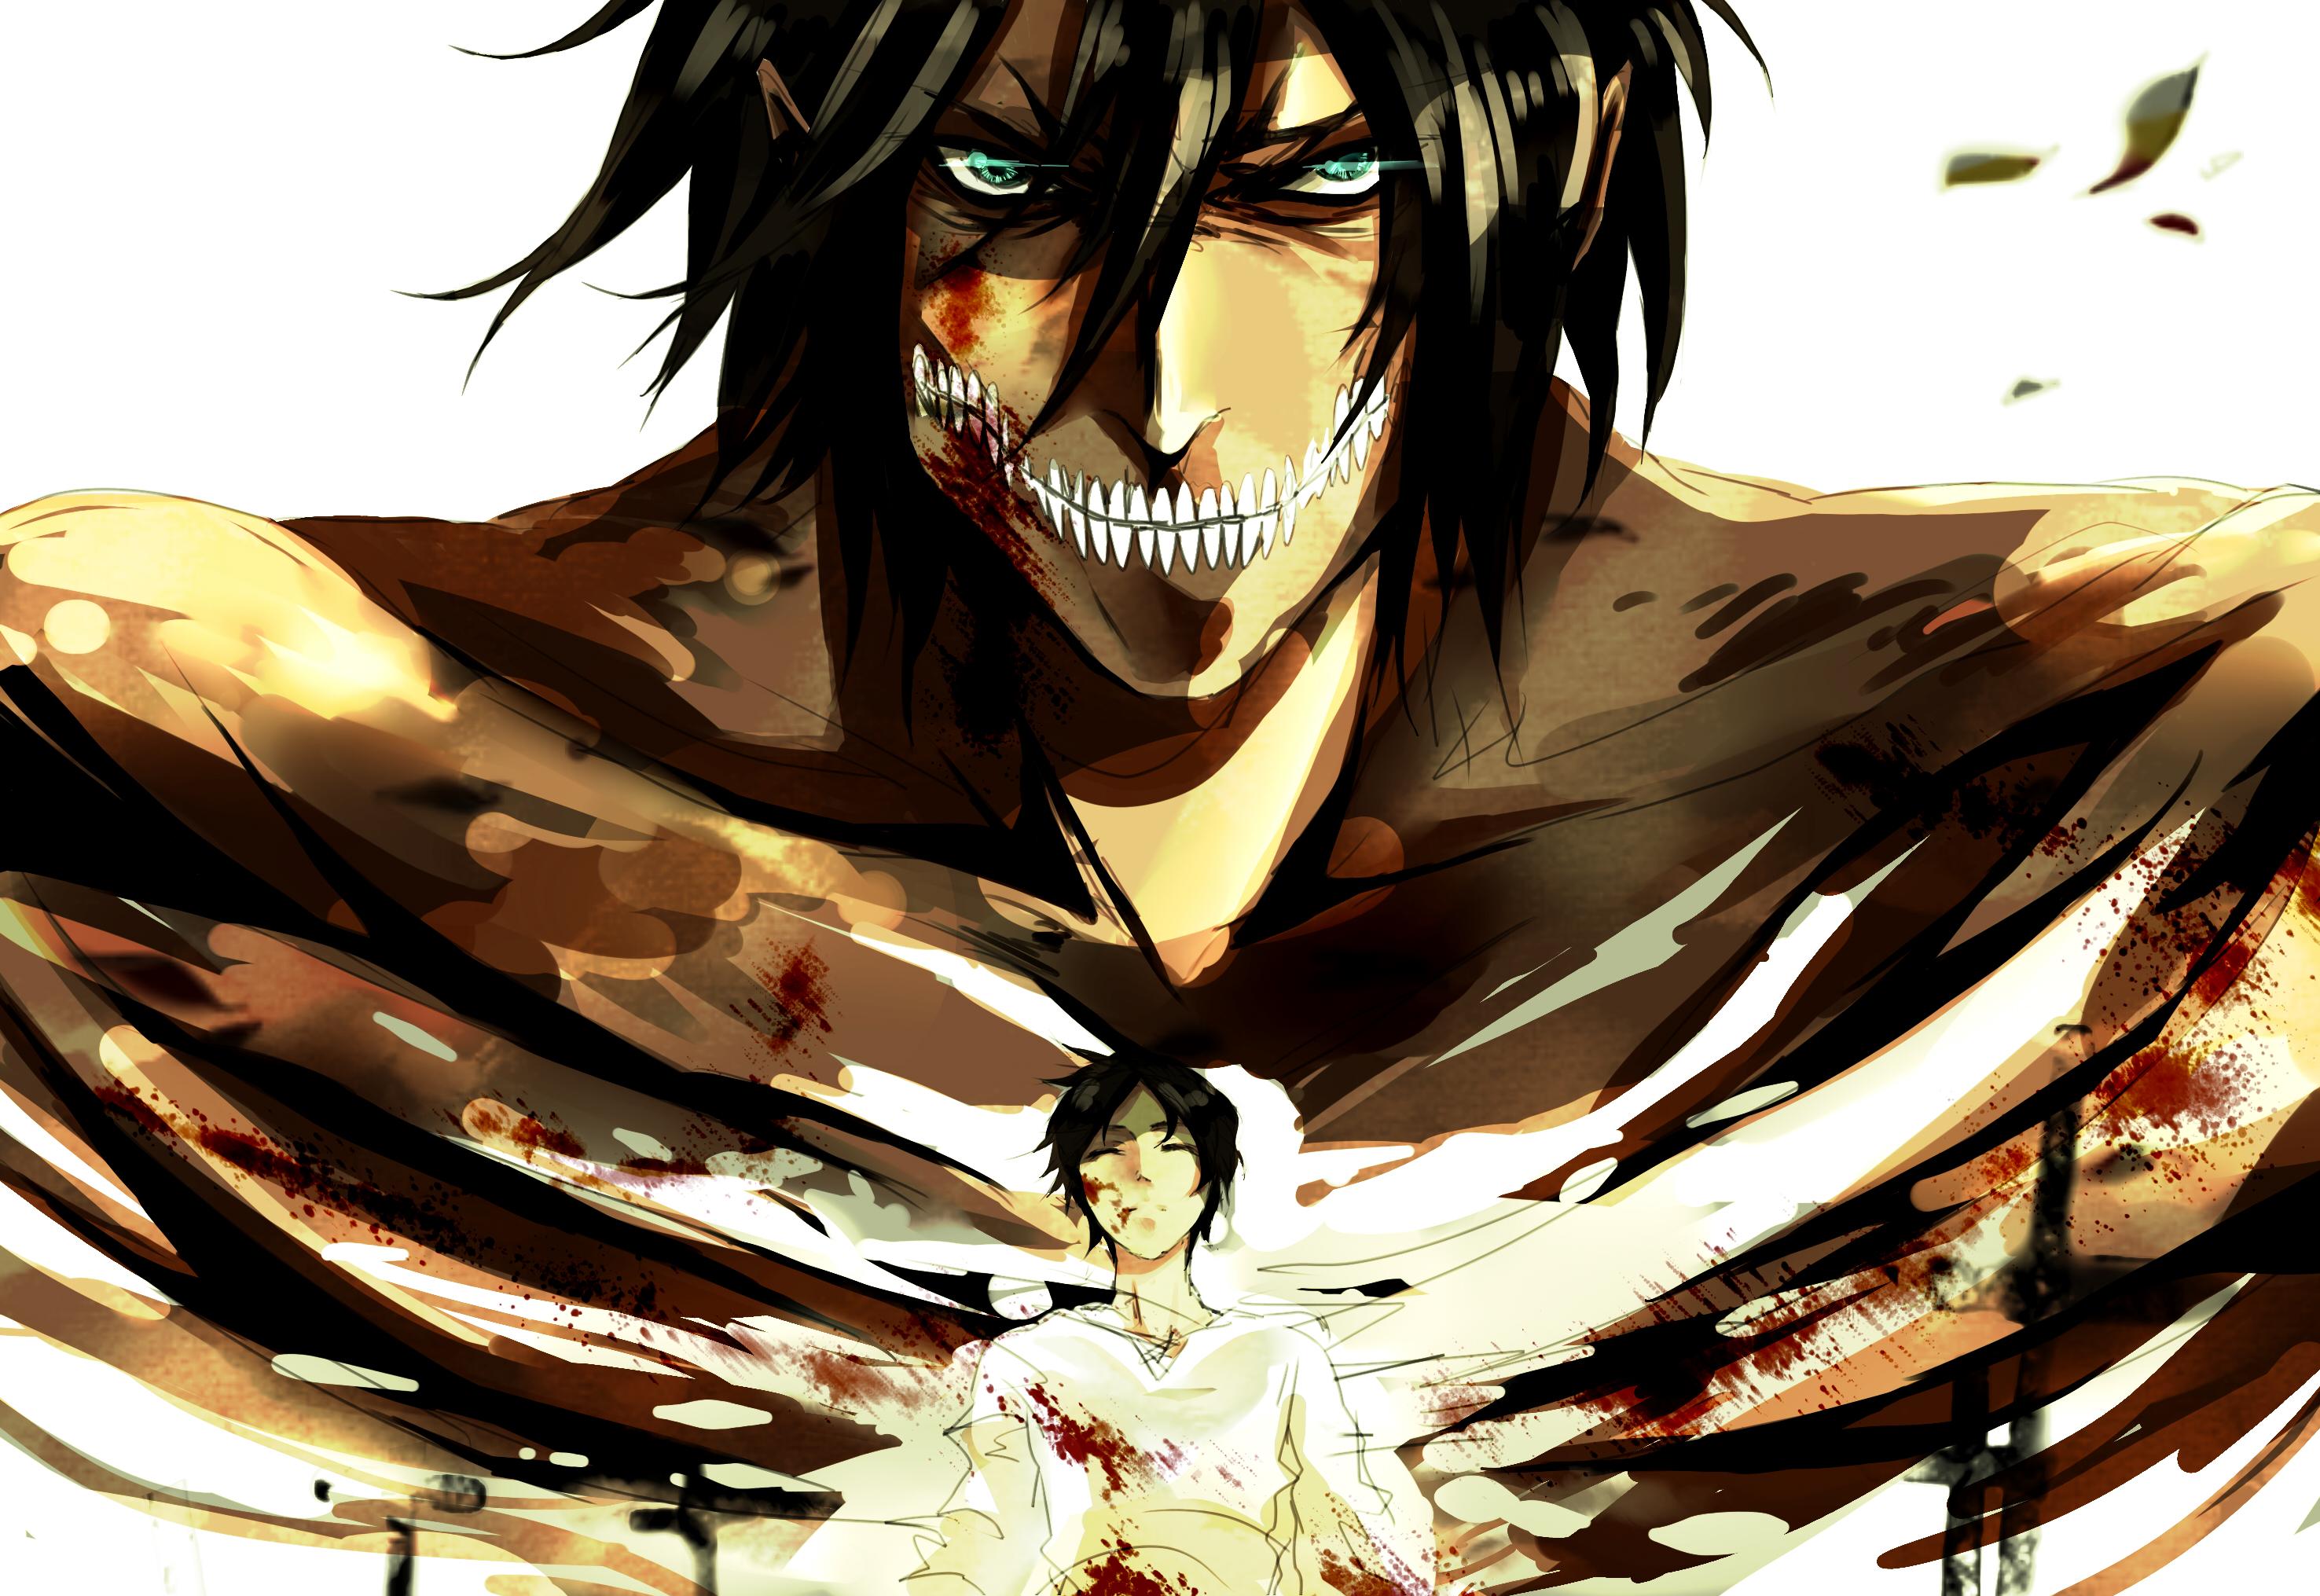 Shingeki no Kyojin FTW   Shingeki no Kyojin Attack on titan Photo 2952x2031